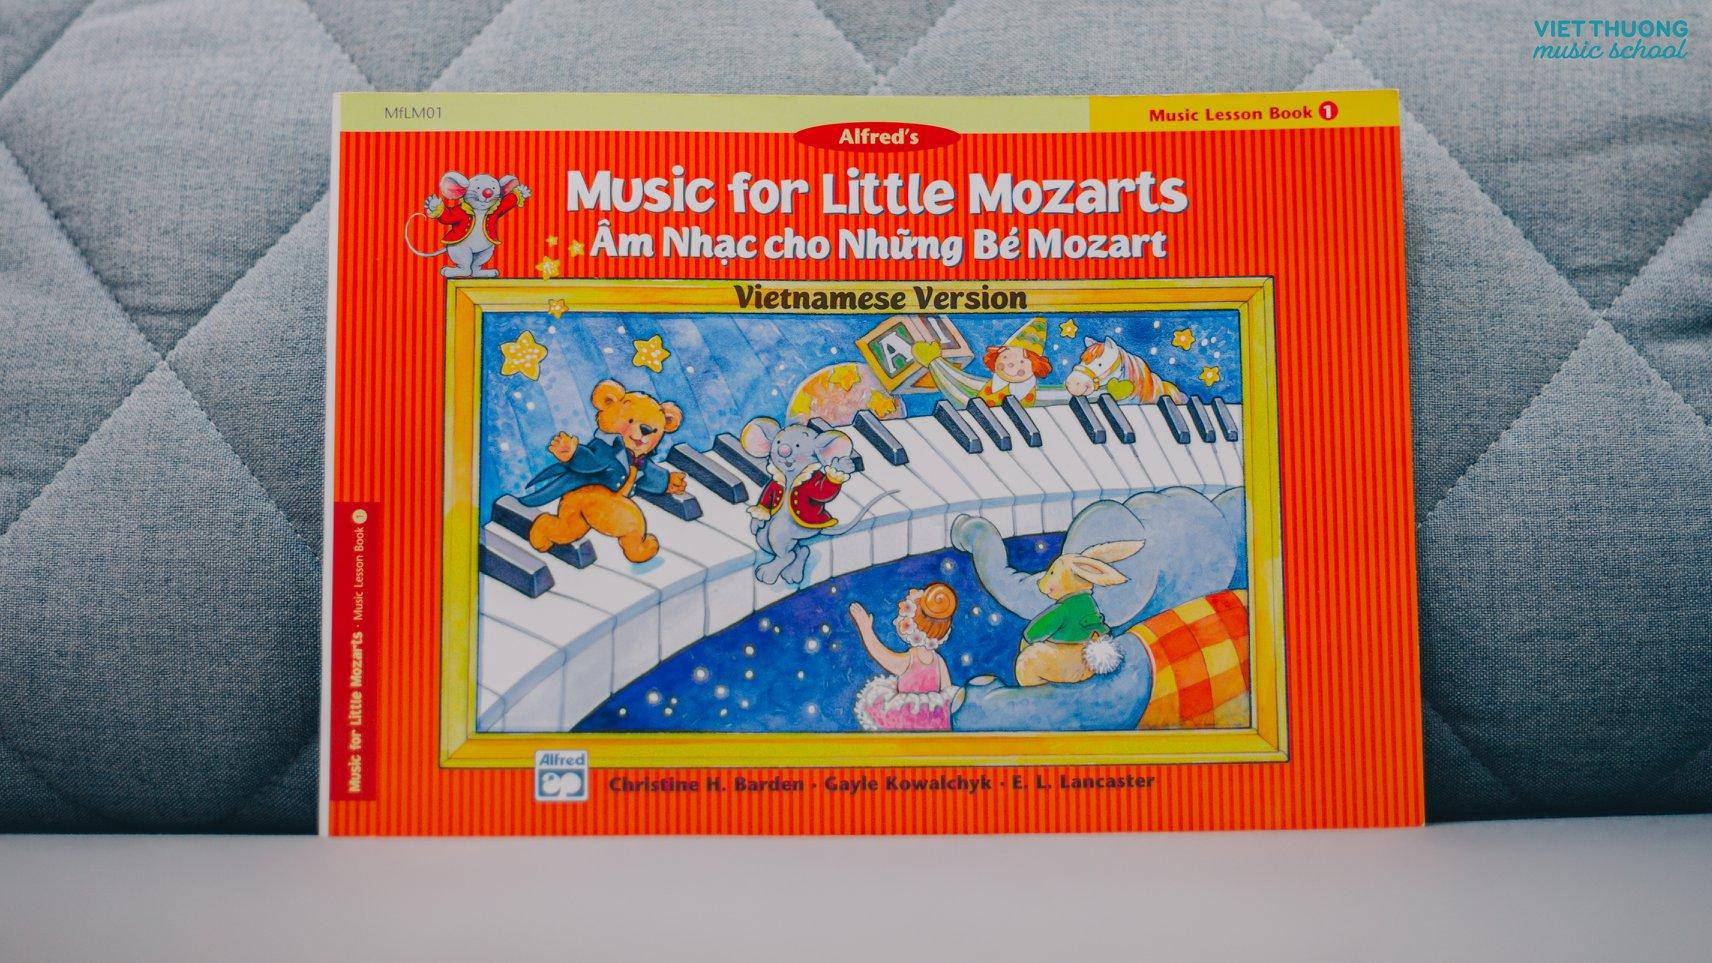 âm nhạc cho bé mozart